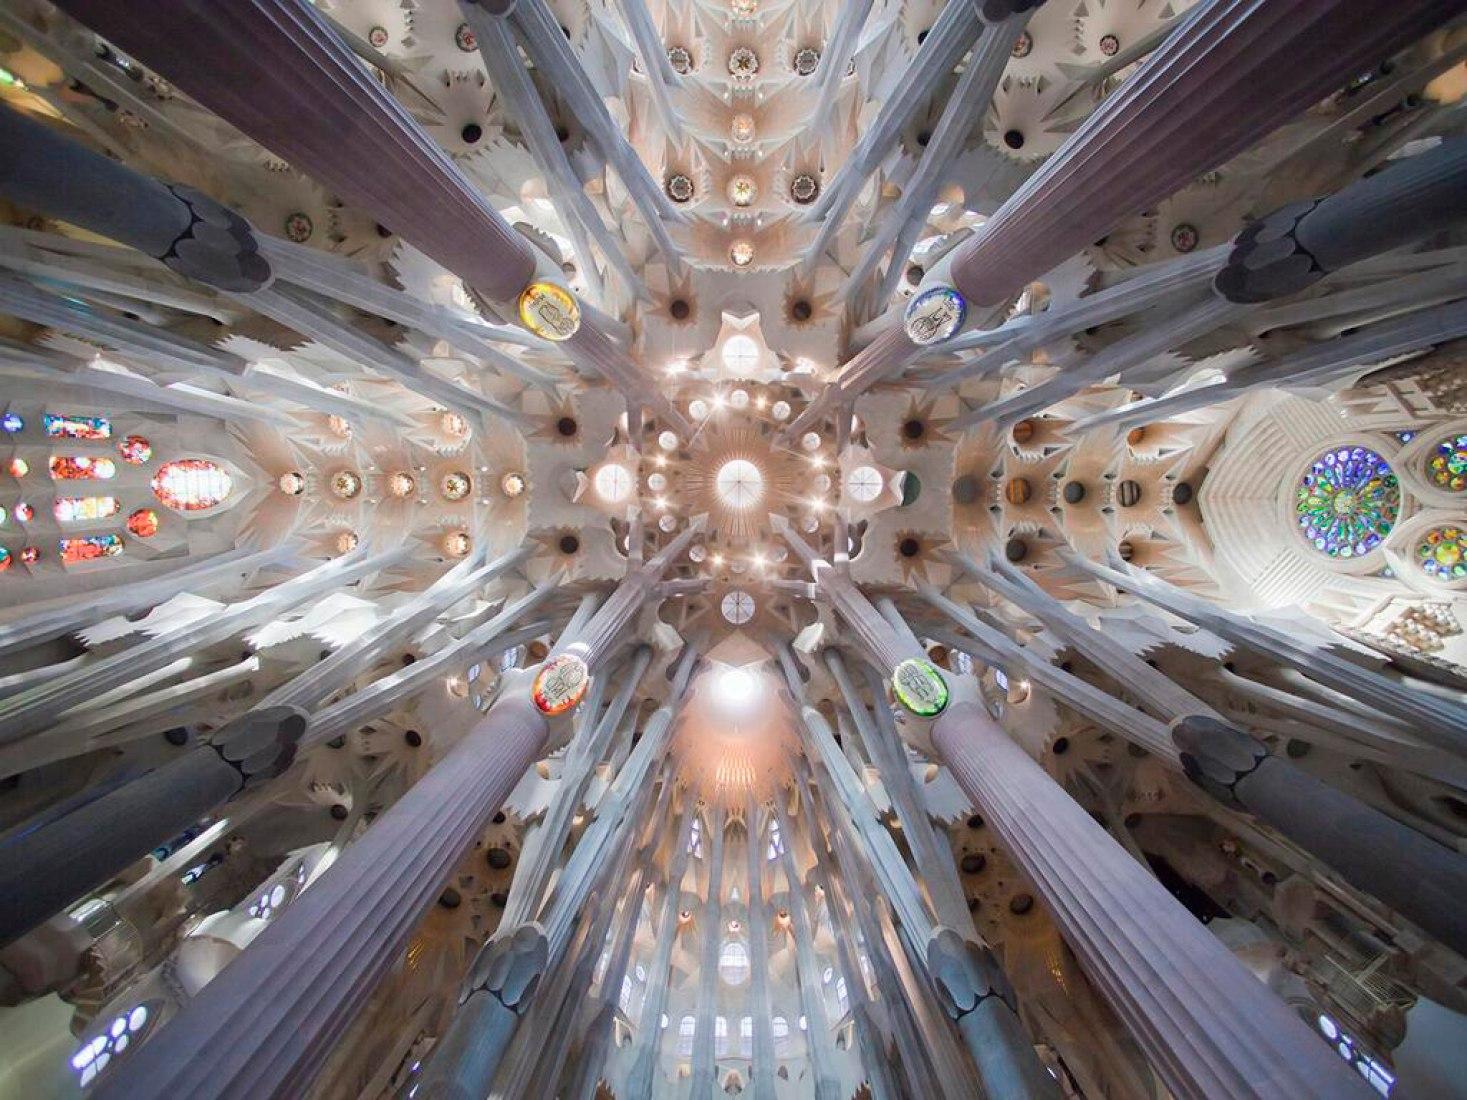 Primer premio. Antoni Gaudí, Sagrada Familia, Barcelona, en construcción. Propuesta #02, Alex Duro